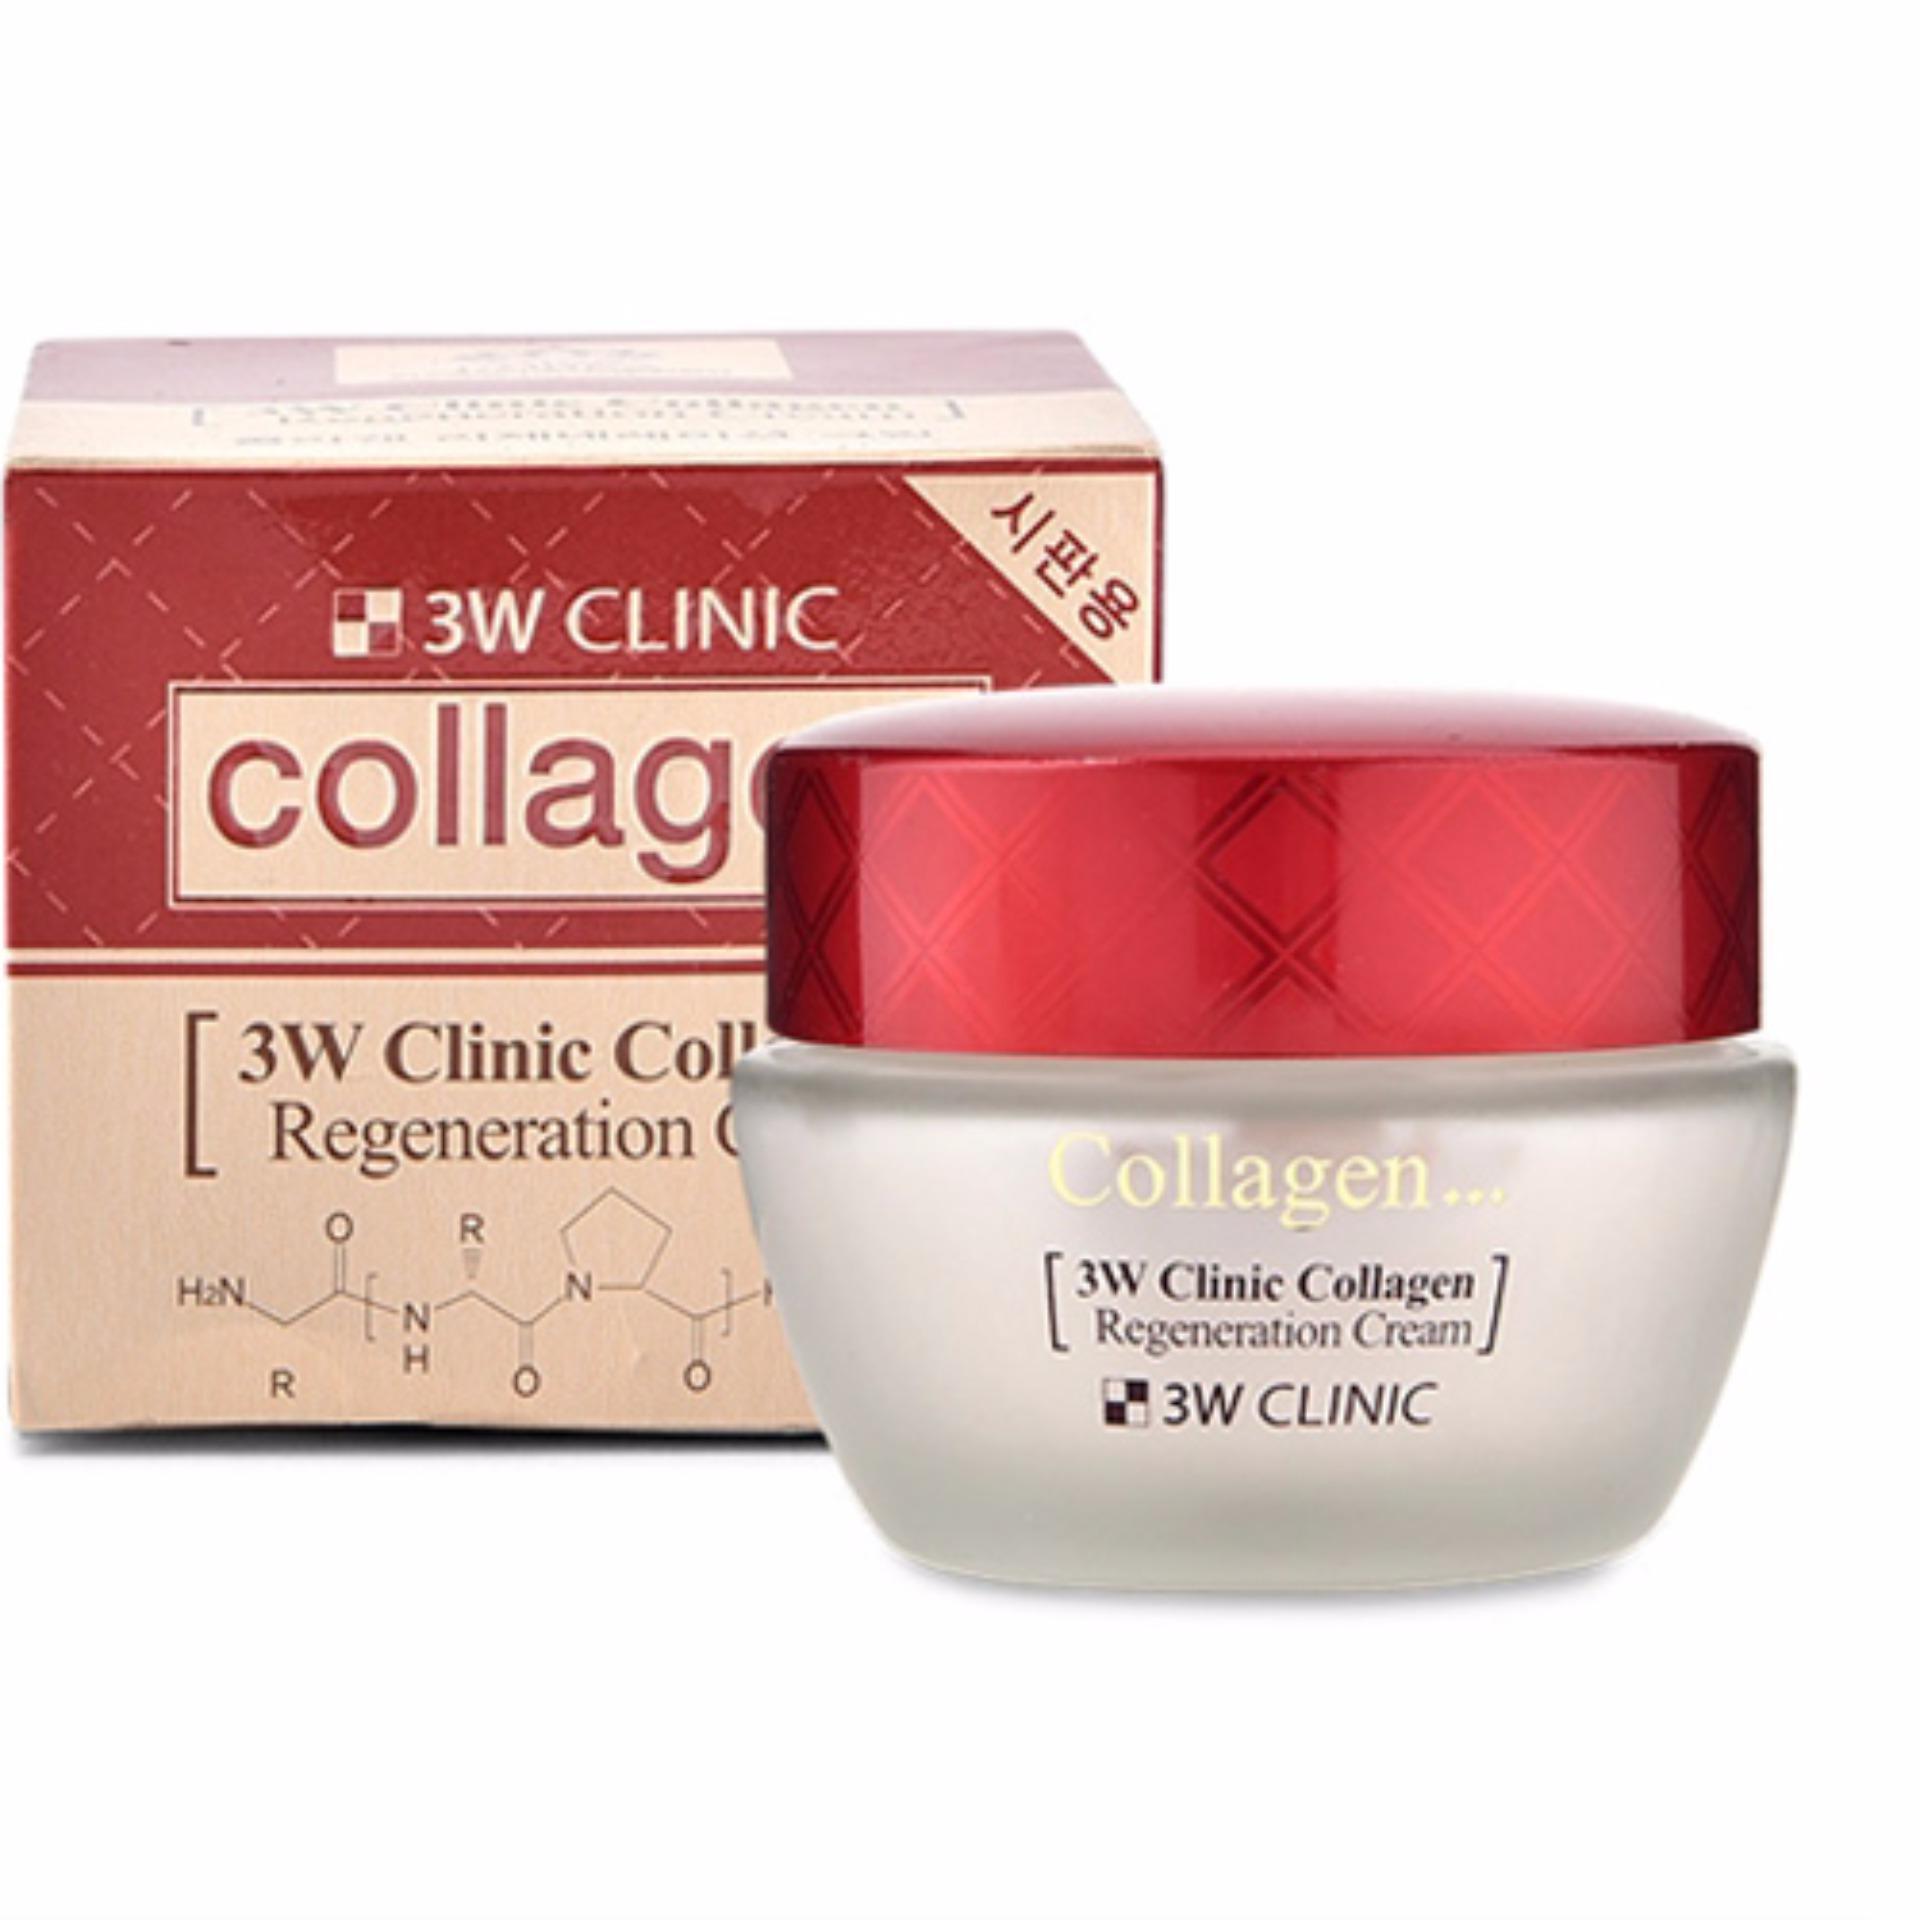 Kem Dưỡng Trắng Sáng Tái Tạo Da 3W Clinic Collagen Regeneration Cream 60ml